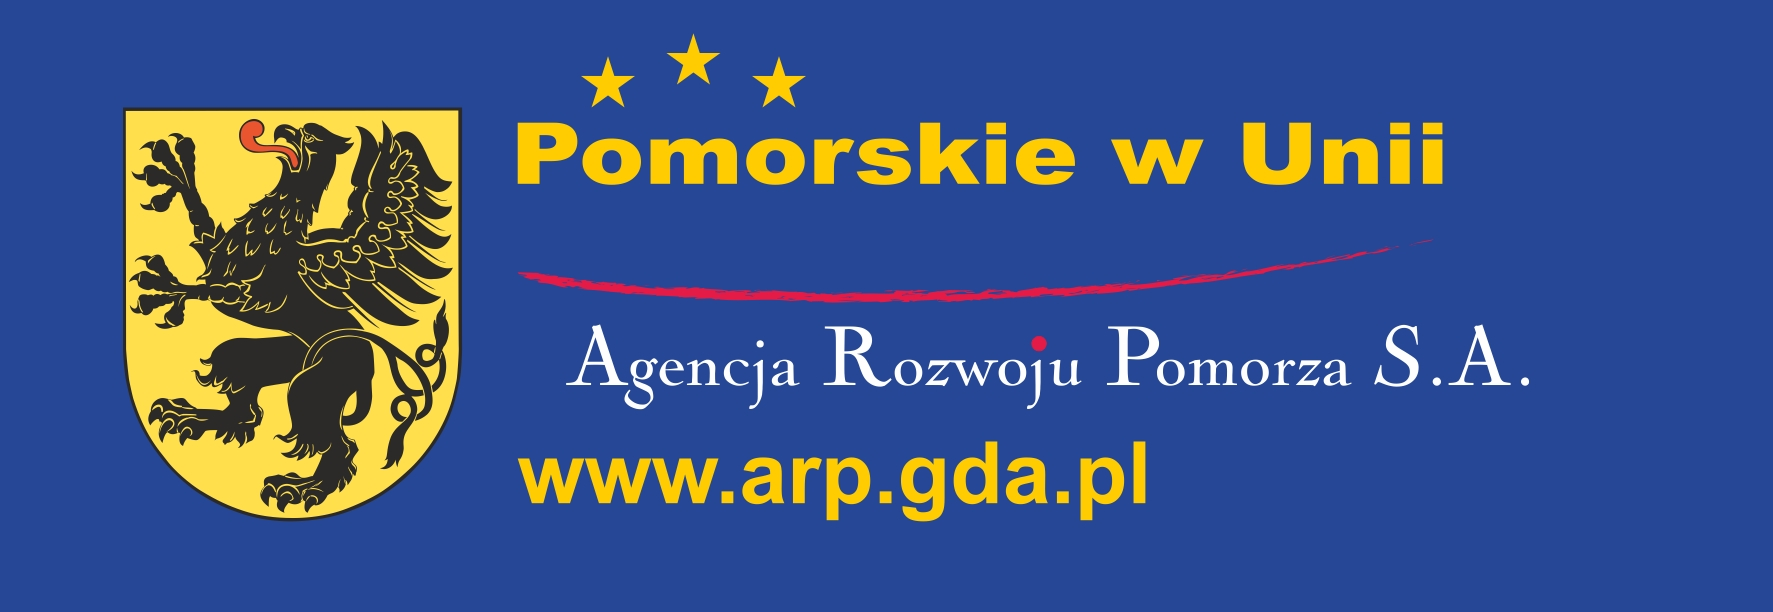 Pomorskie_w_Unii_-_ARP_S.A.__kolor_50x17mm_300dpi__plik_jpg_